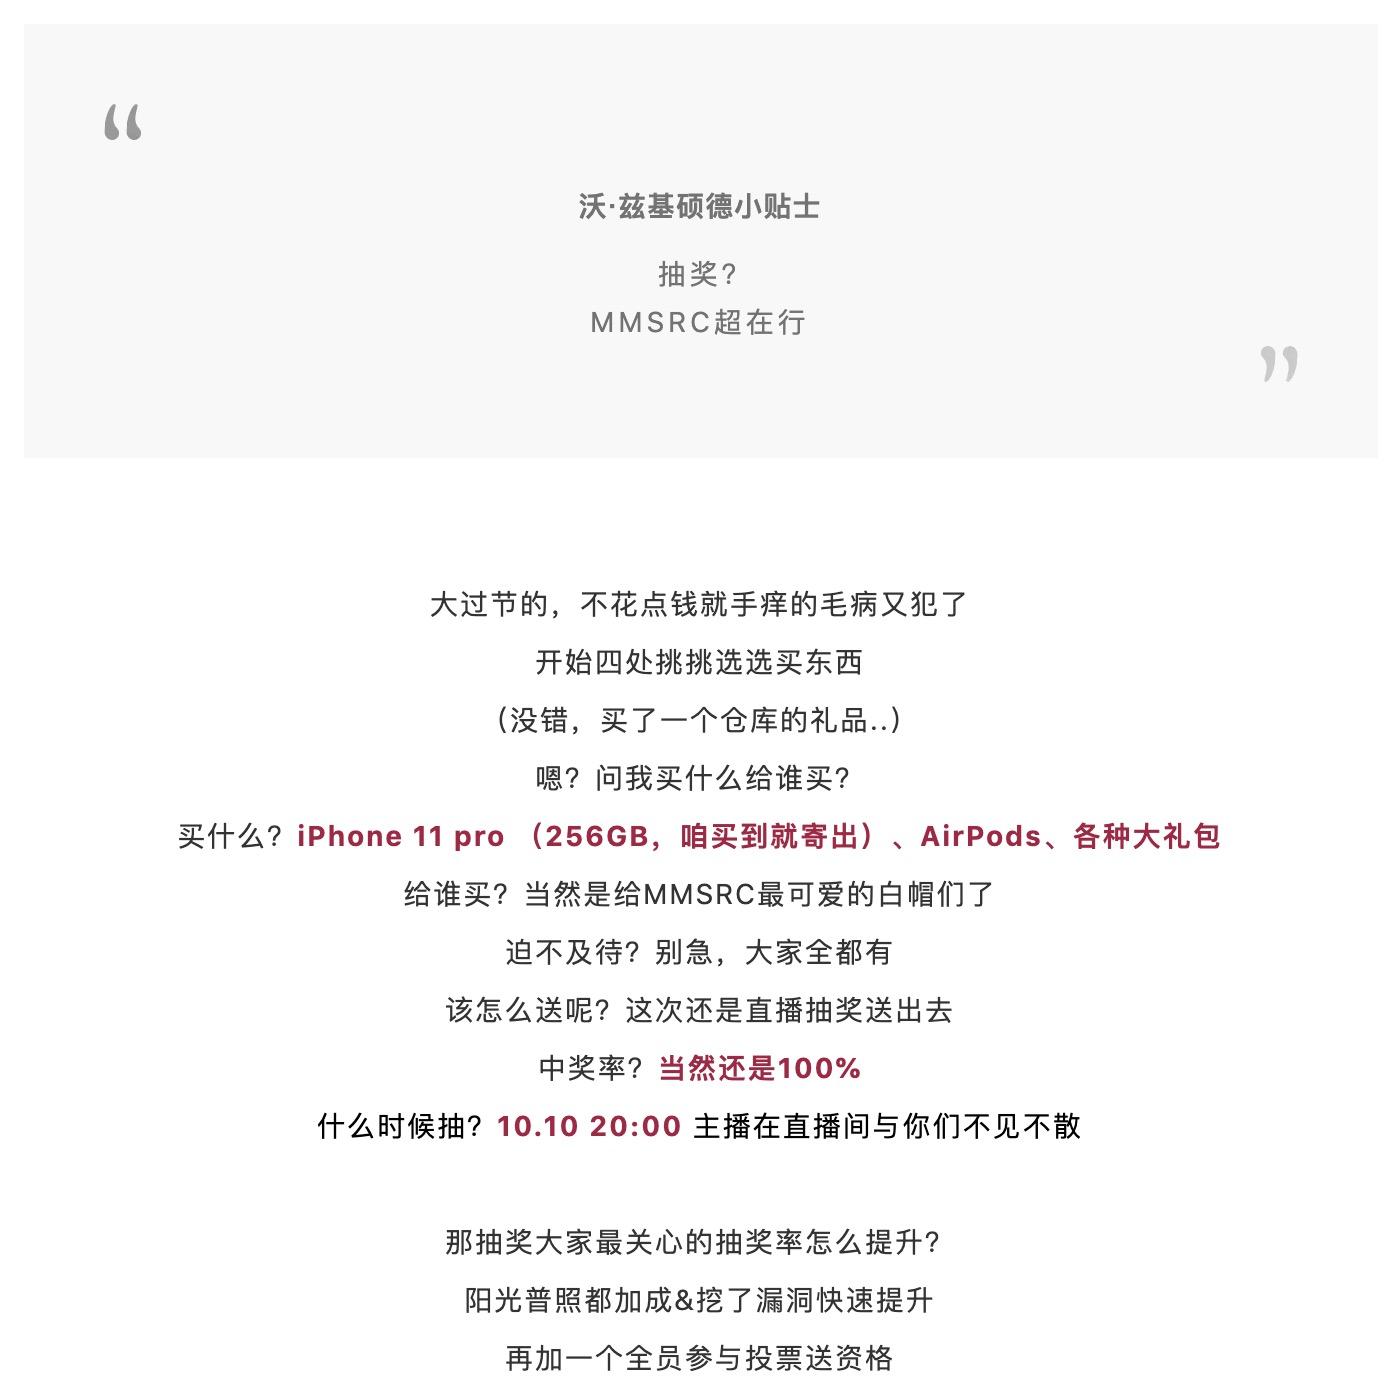 https://momo-mmsrc.oss-cn-hangzhou.aliyuncs.com/img-ddec75c2-71a0-3af6-923d-2d0670e816fe.jpeg